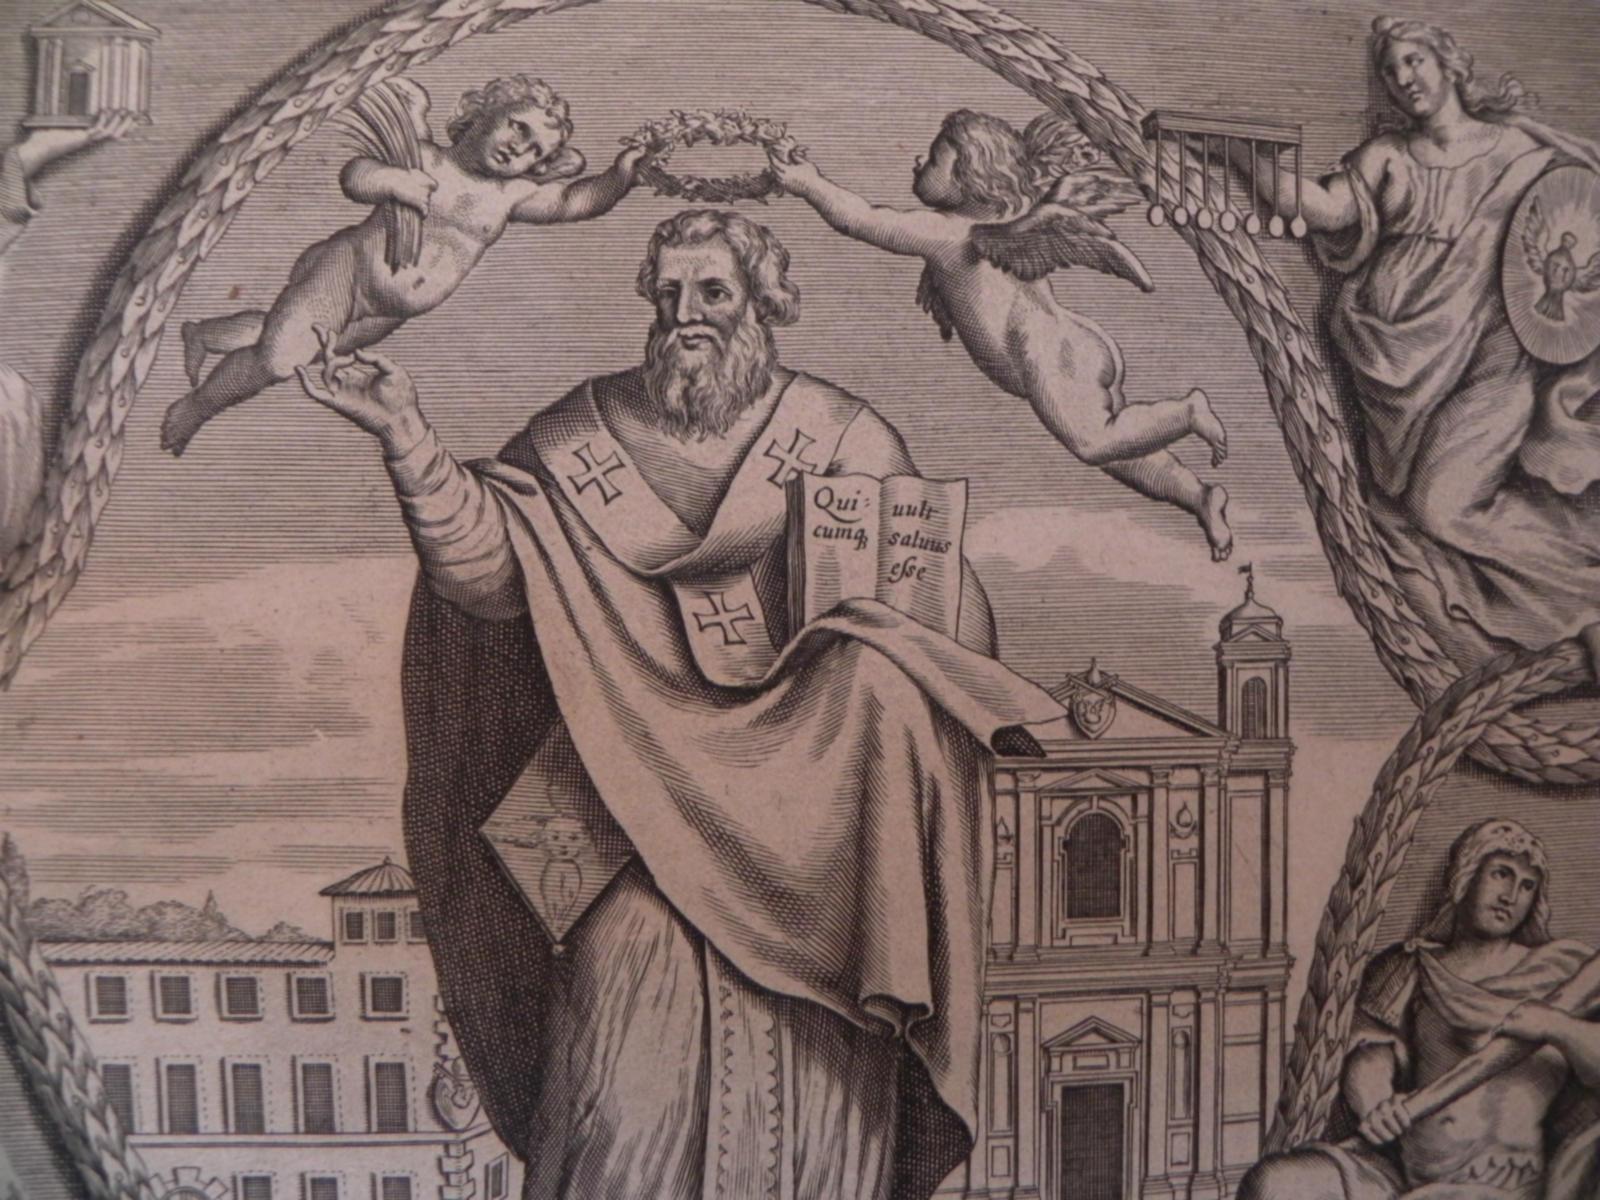 Το Ελληνικό Κολέγιο του Αγίου Αθανασίου στη Ρώμη, ένας φάρος των Ελληνικών γραμμάτων σε σκοτεινούς καιρούς